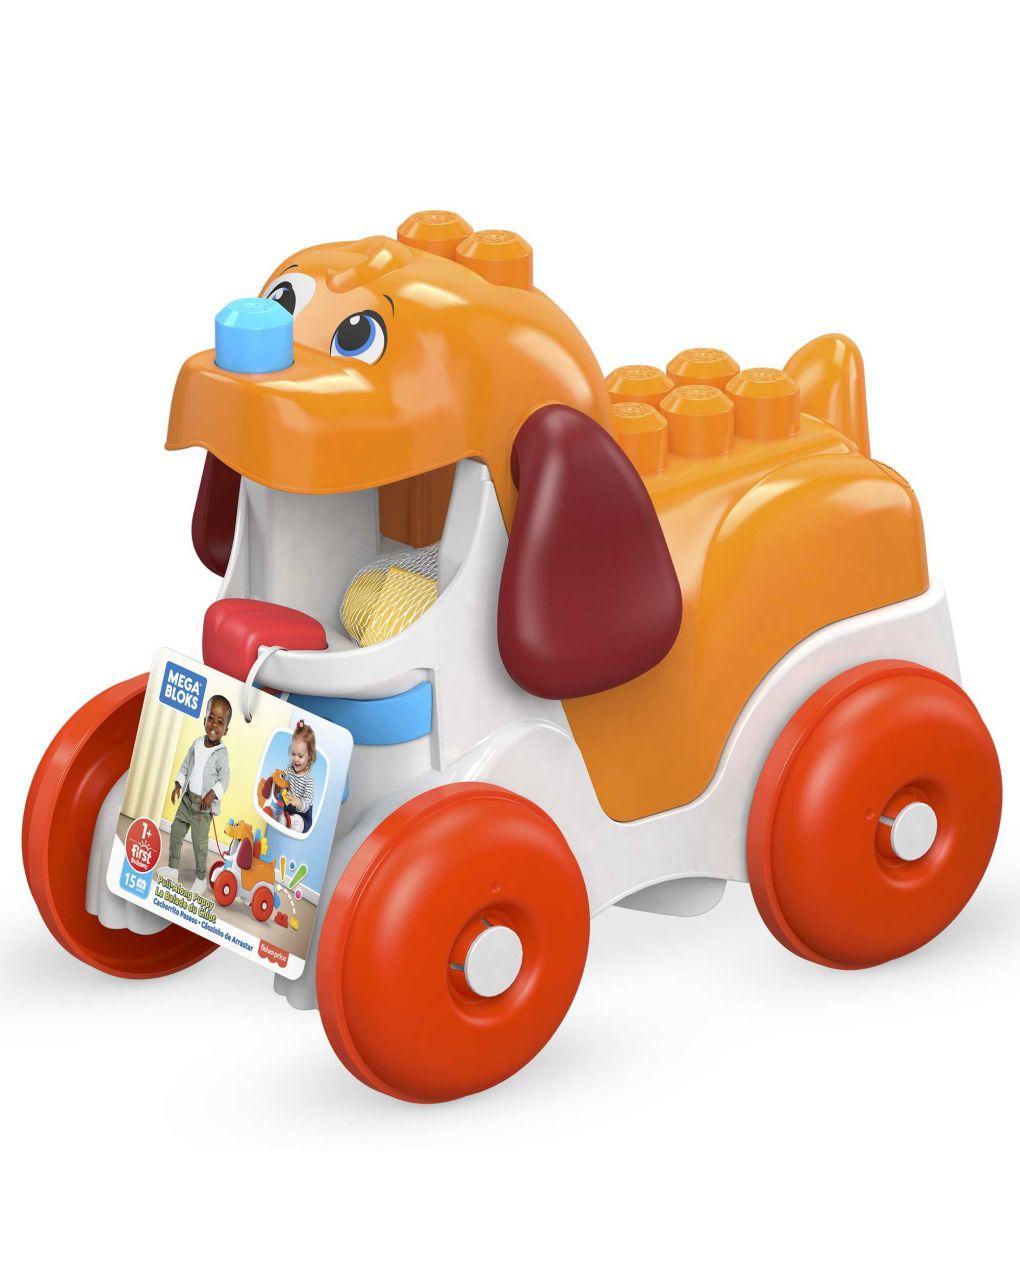 Mega bloks- cagnolino pupù e vai, con 15 blocchi da costruzione giocattolo per bambini 1+anni - Mega bloks